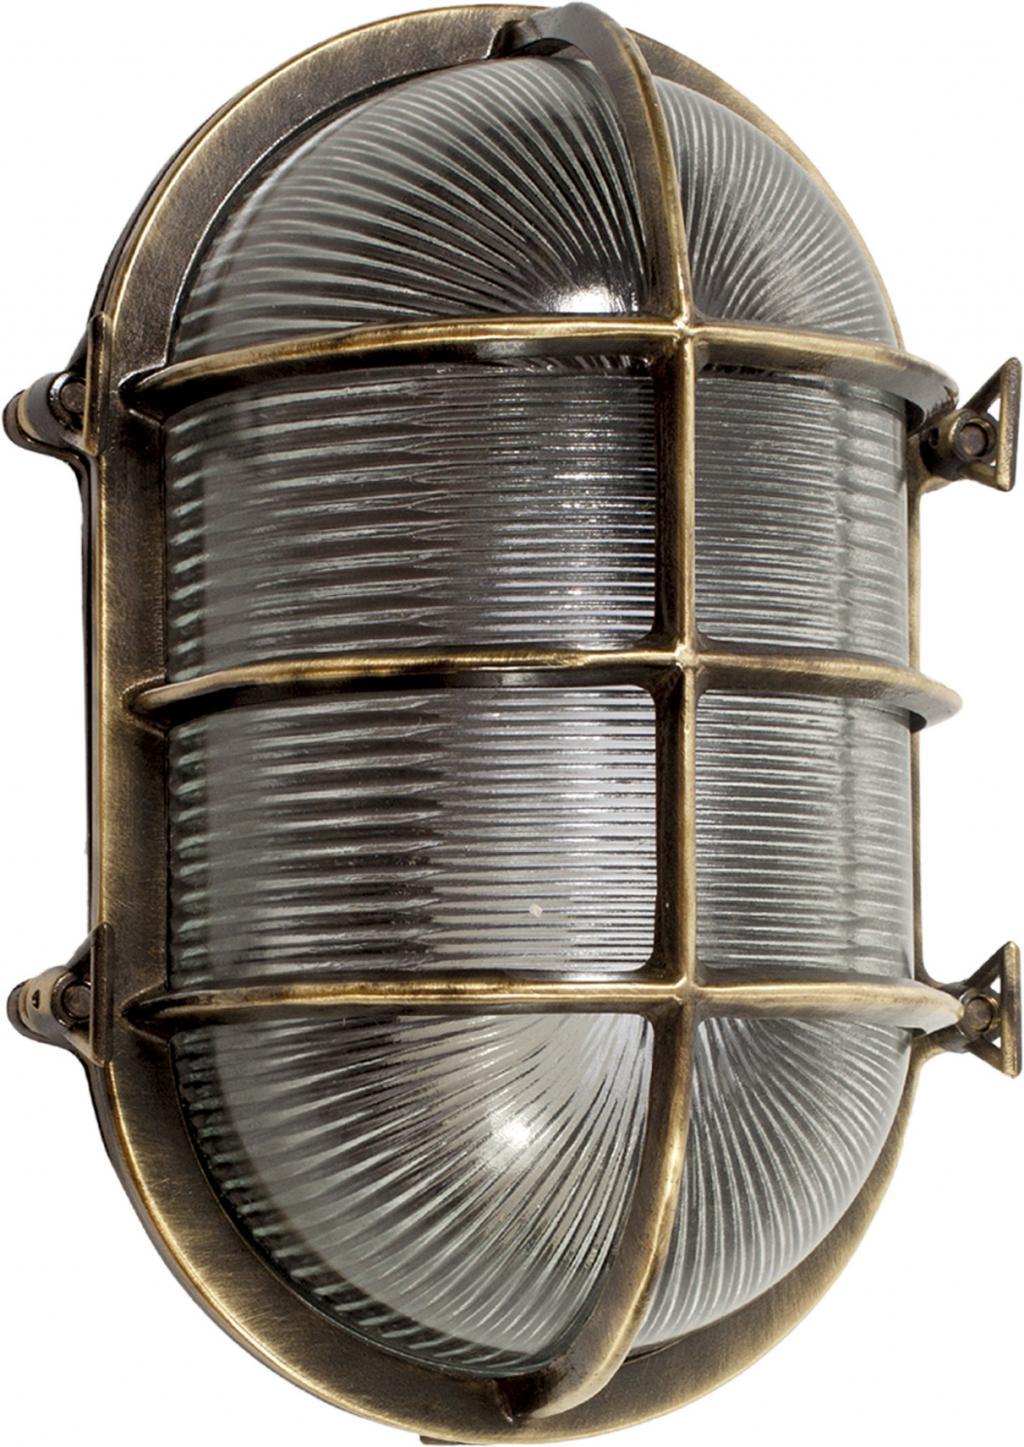 Au en wandlampe nautic 4 bronze ks verlichting kaufen wohn und - Aussen wandlampe ...